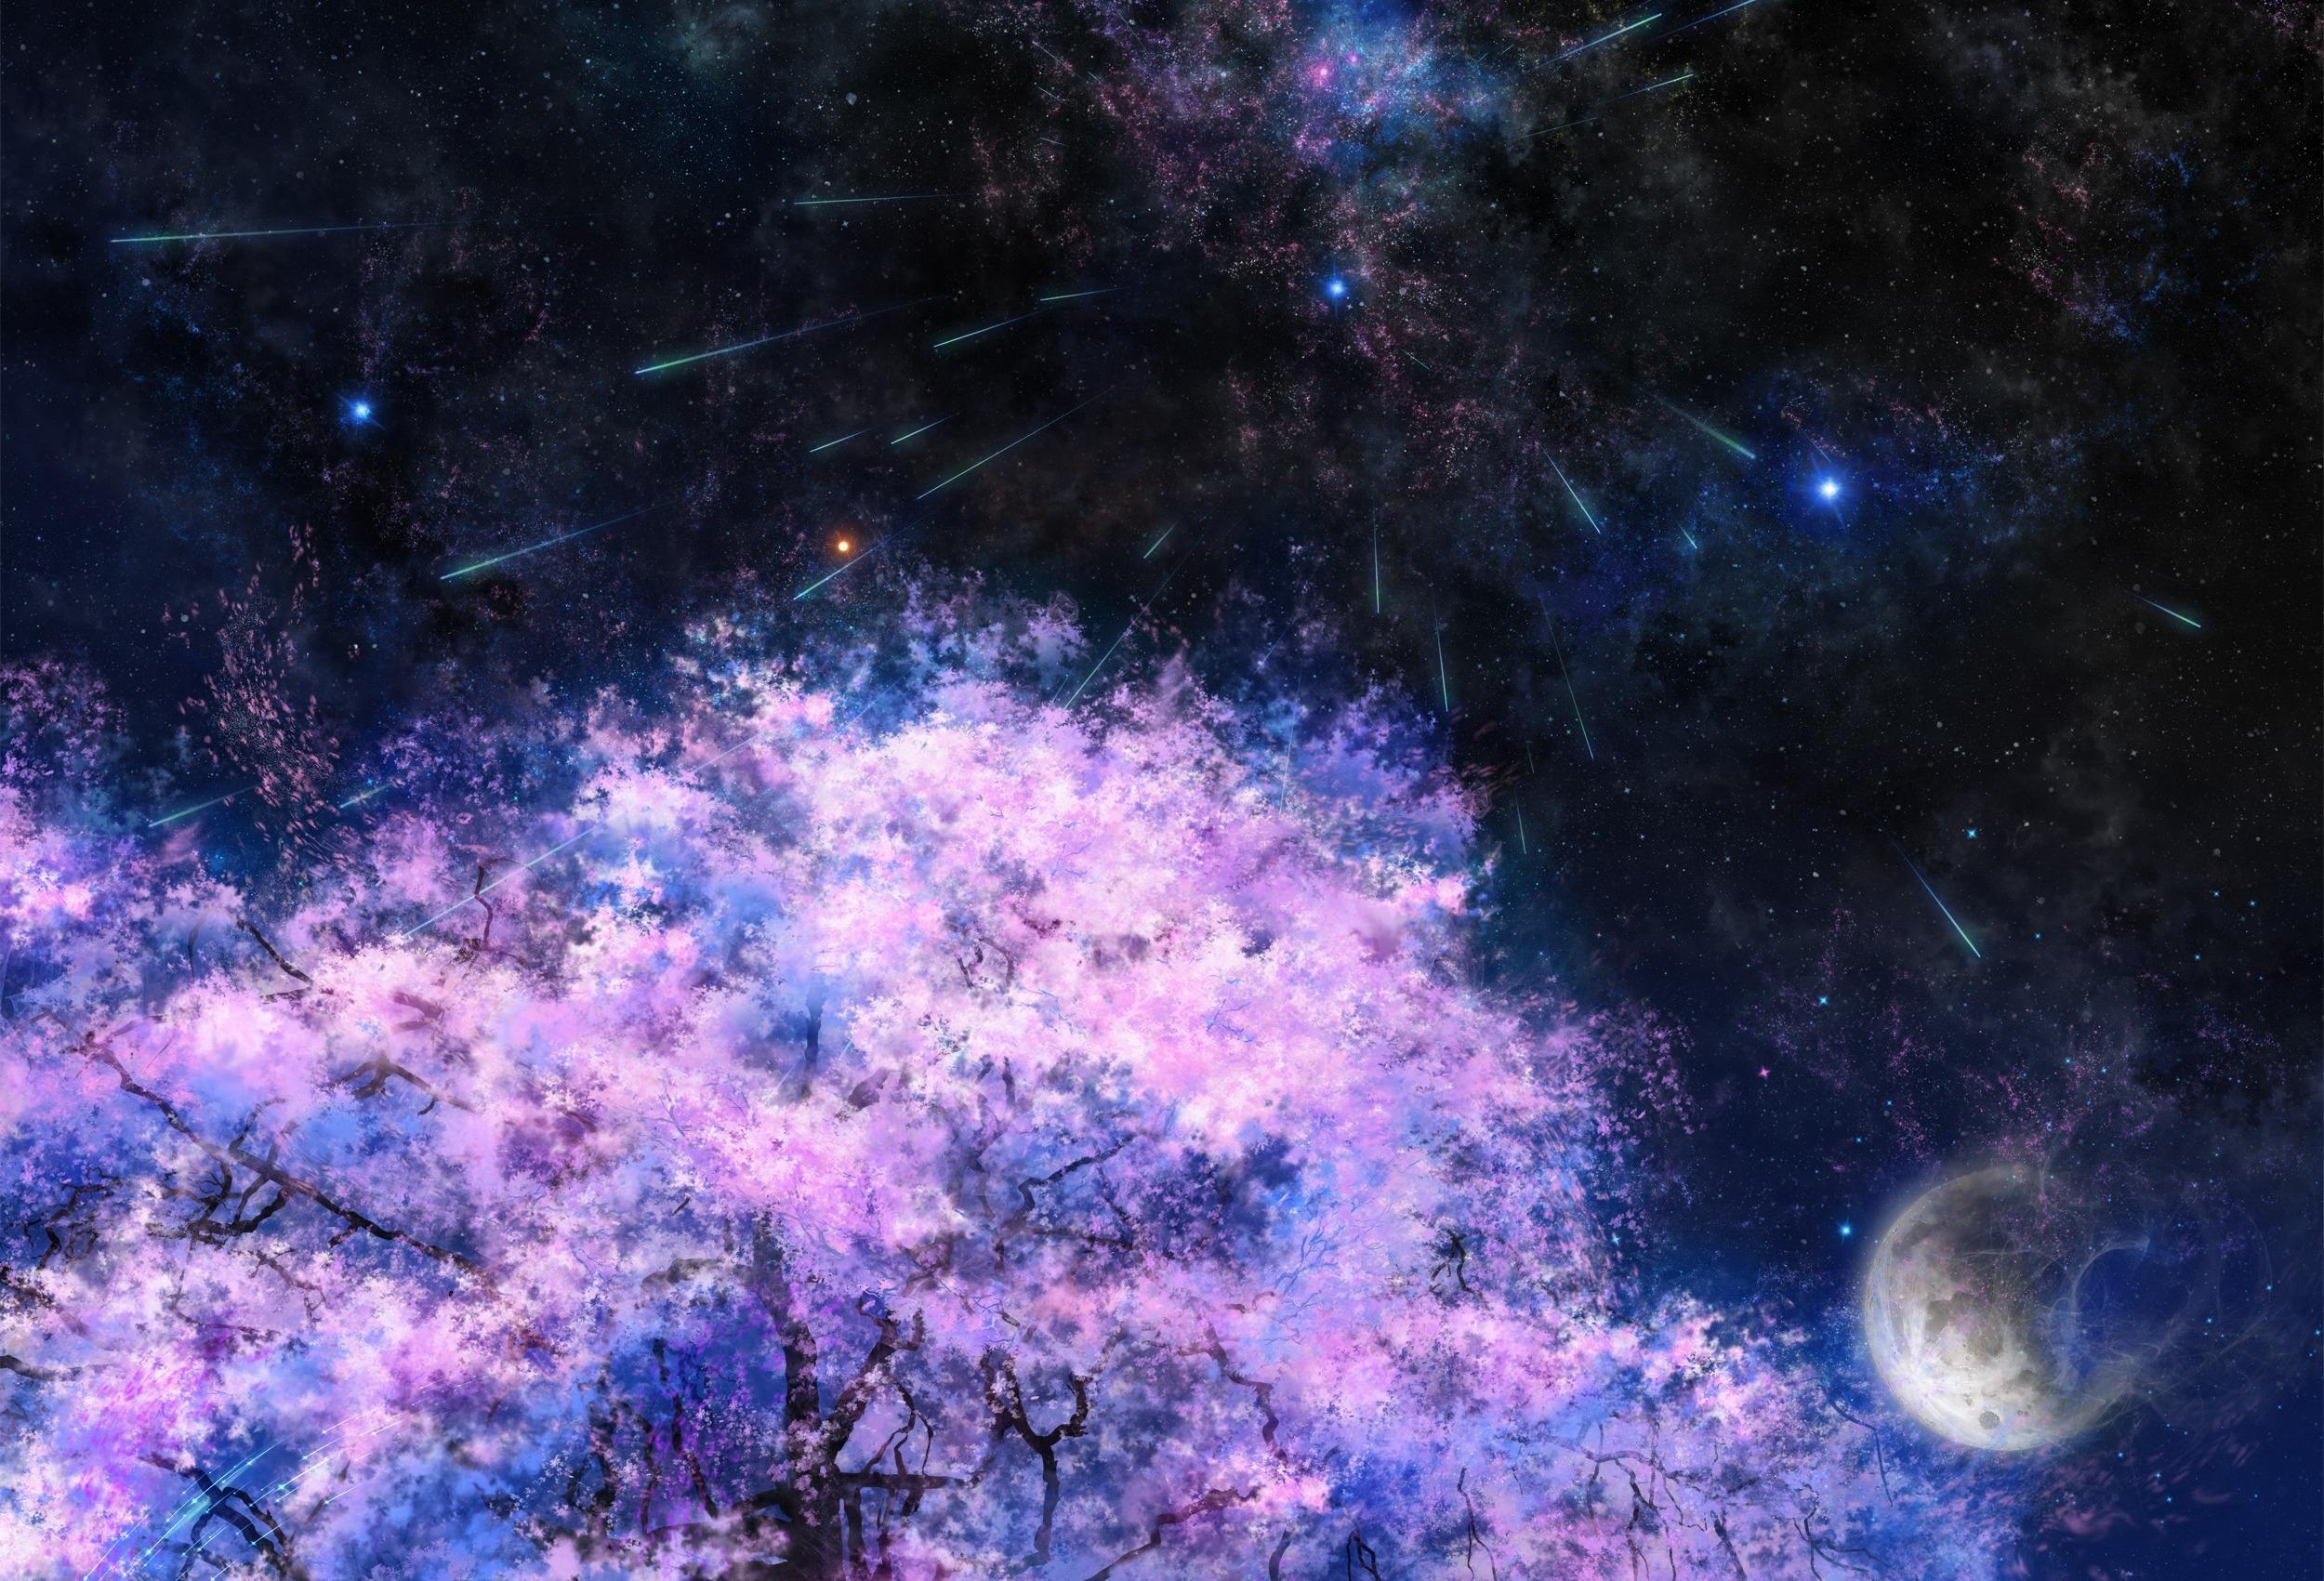 вишневая bmw под звездным небом  № 2384196 без смс